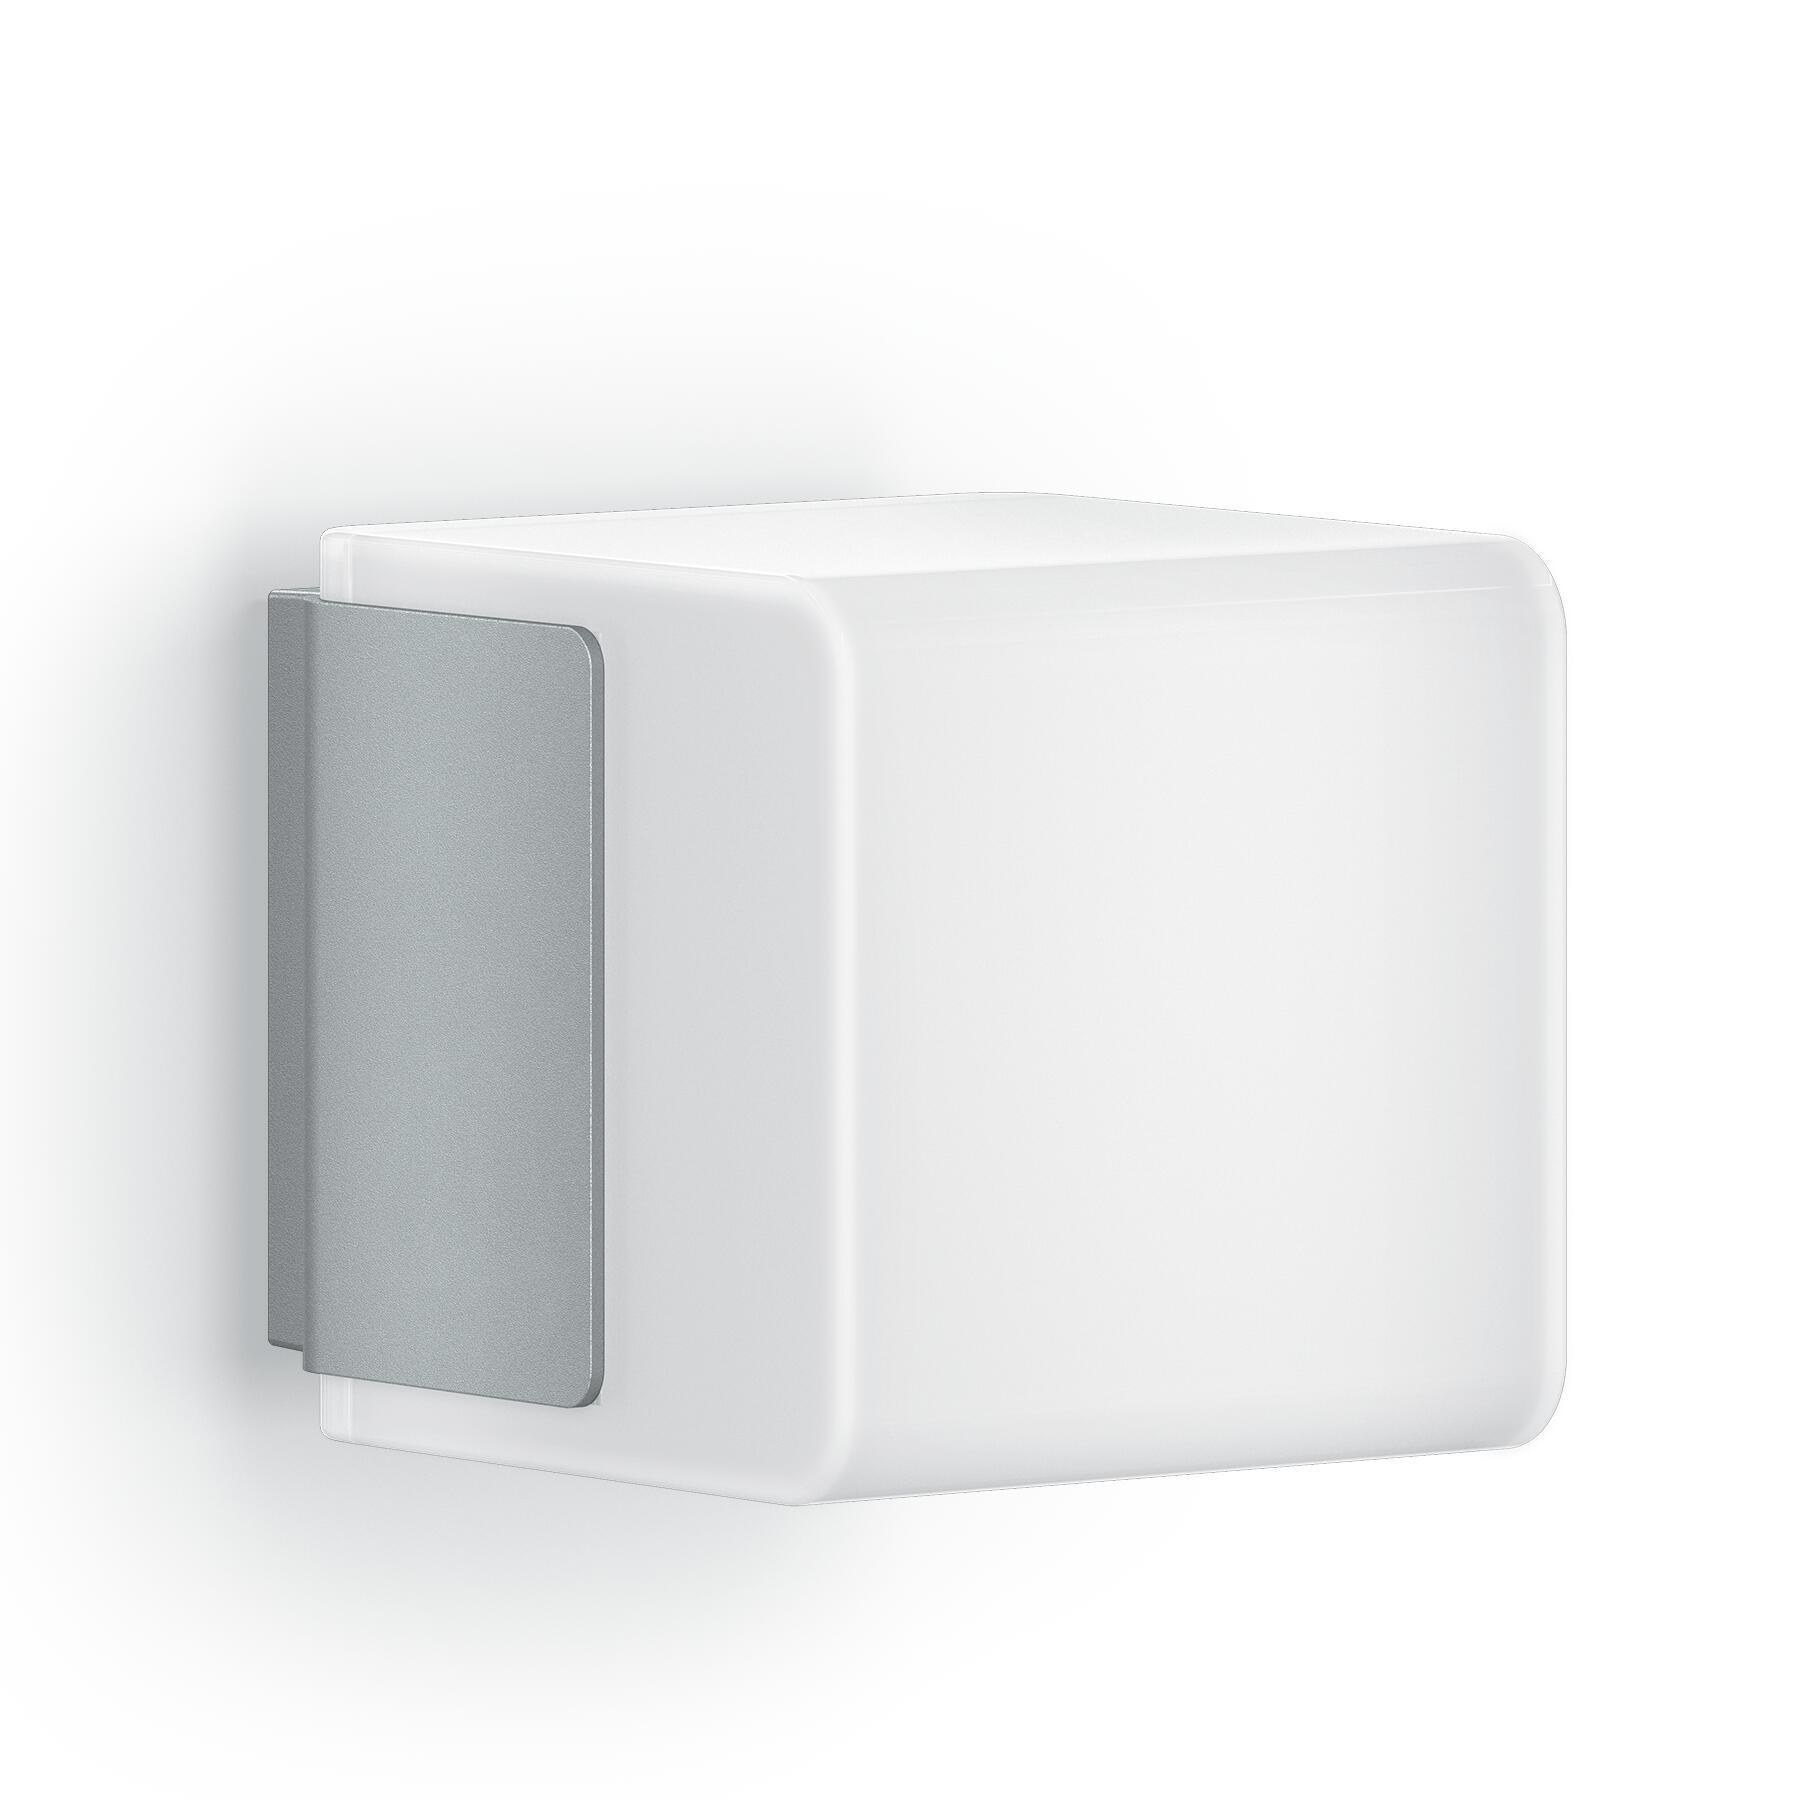 Applique L 835 LED integrato con sensore di movimento, grigio, 9.5W 586LM IP44 STEINEL - 2